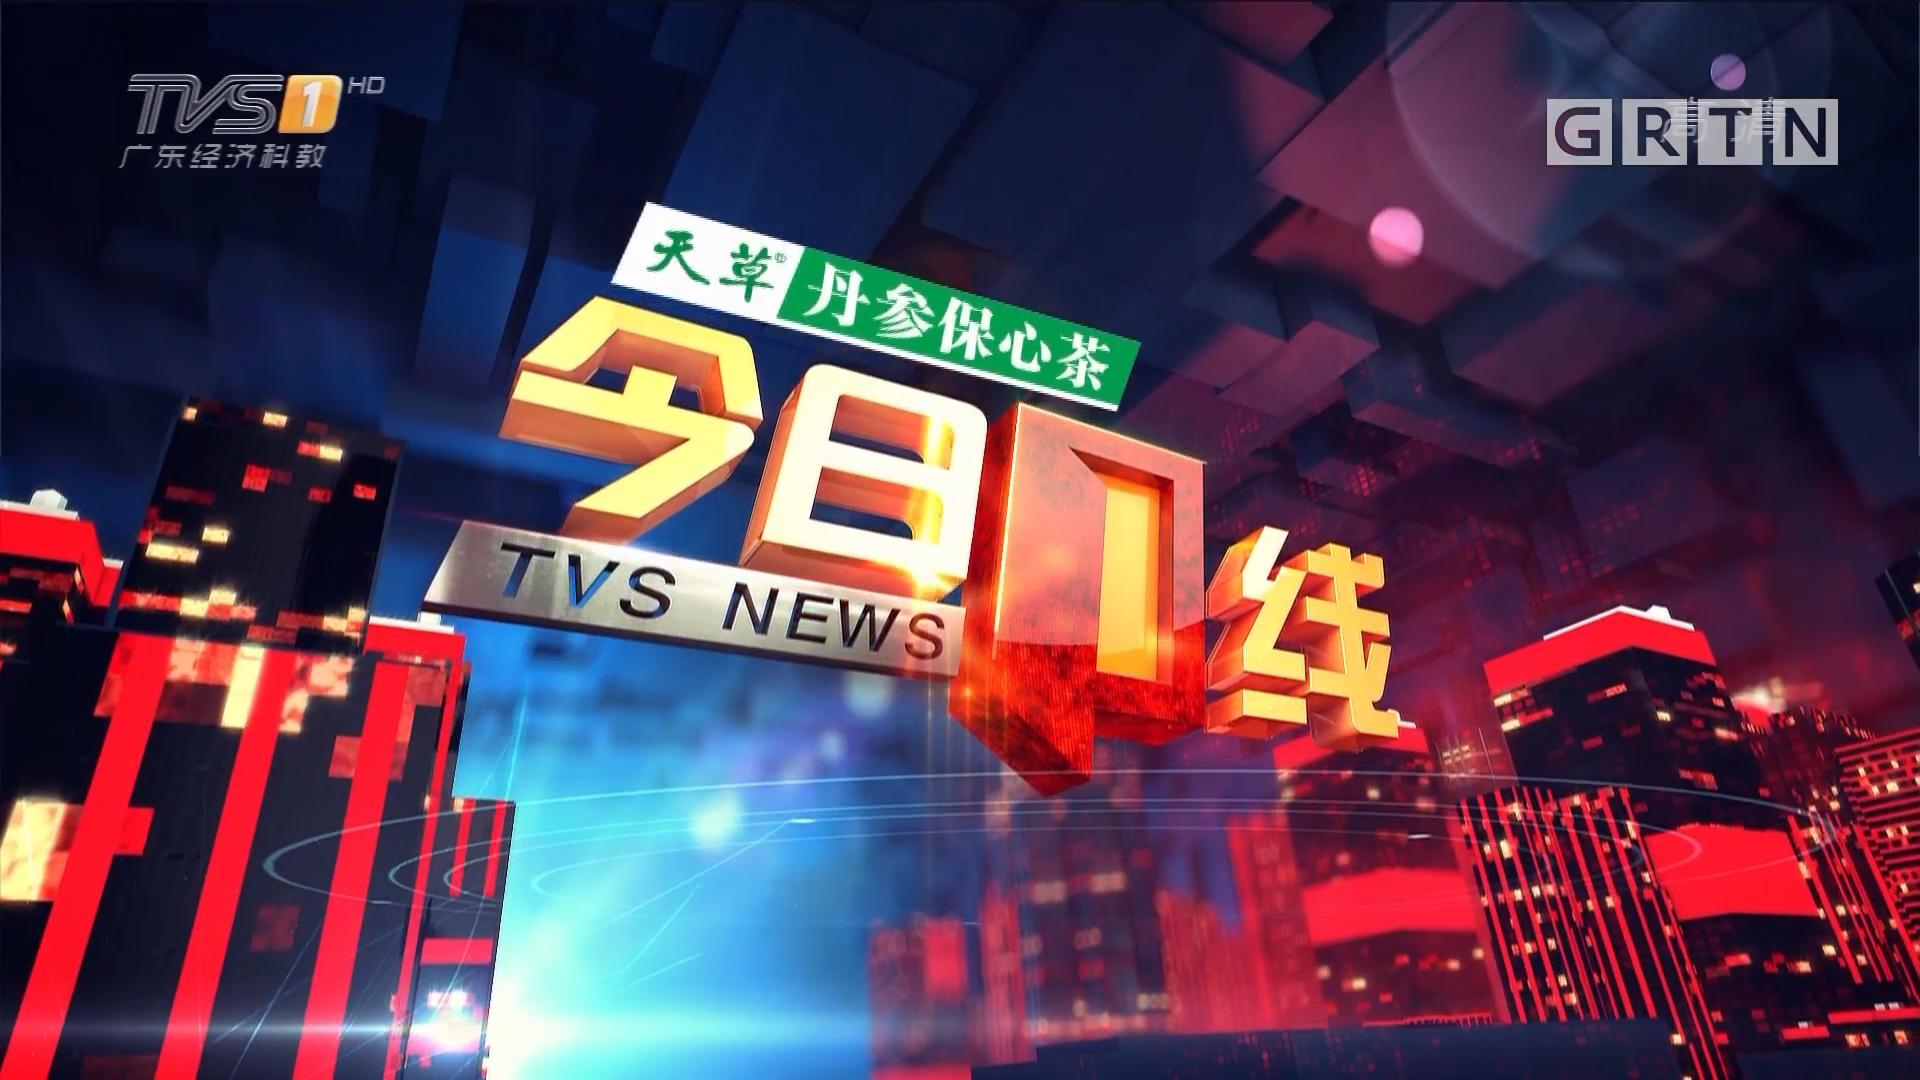 [2017-09-20]今日一线:梅州五华:男子酒后撞车撒钱 涉嫌寻衅滋事刑拘